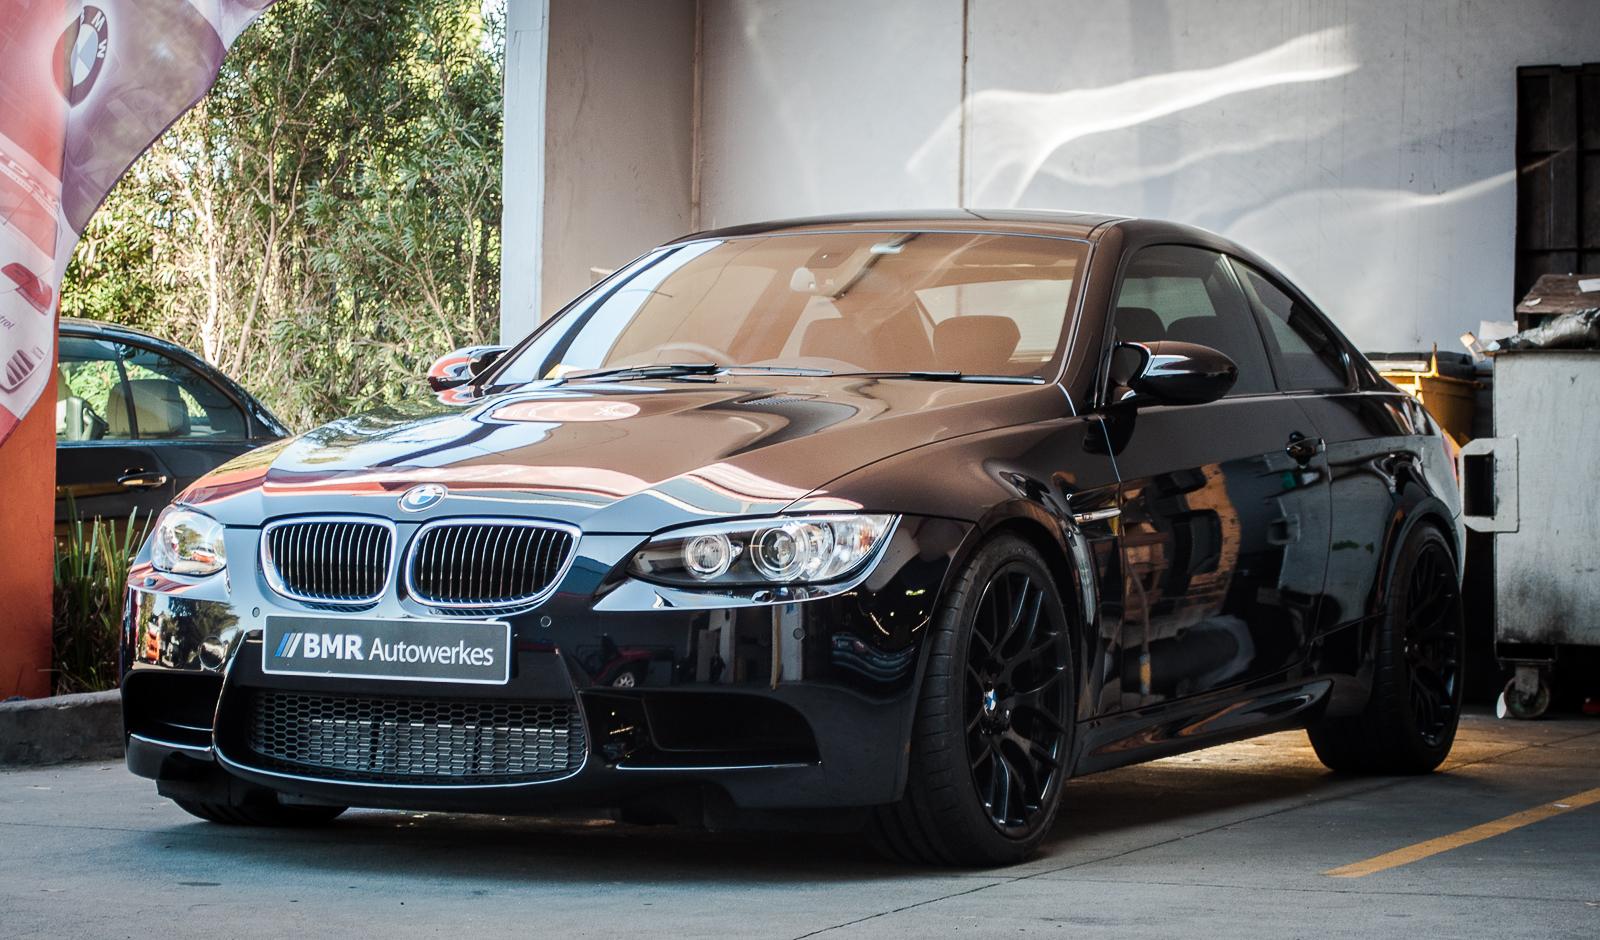 E92 M3 Supercharged - BMR Autowerkes - Cars Enhancements